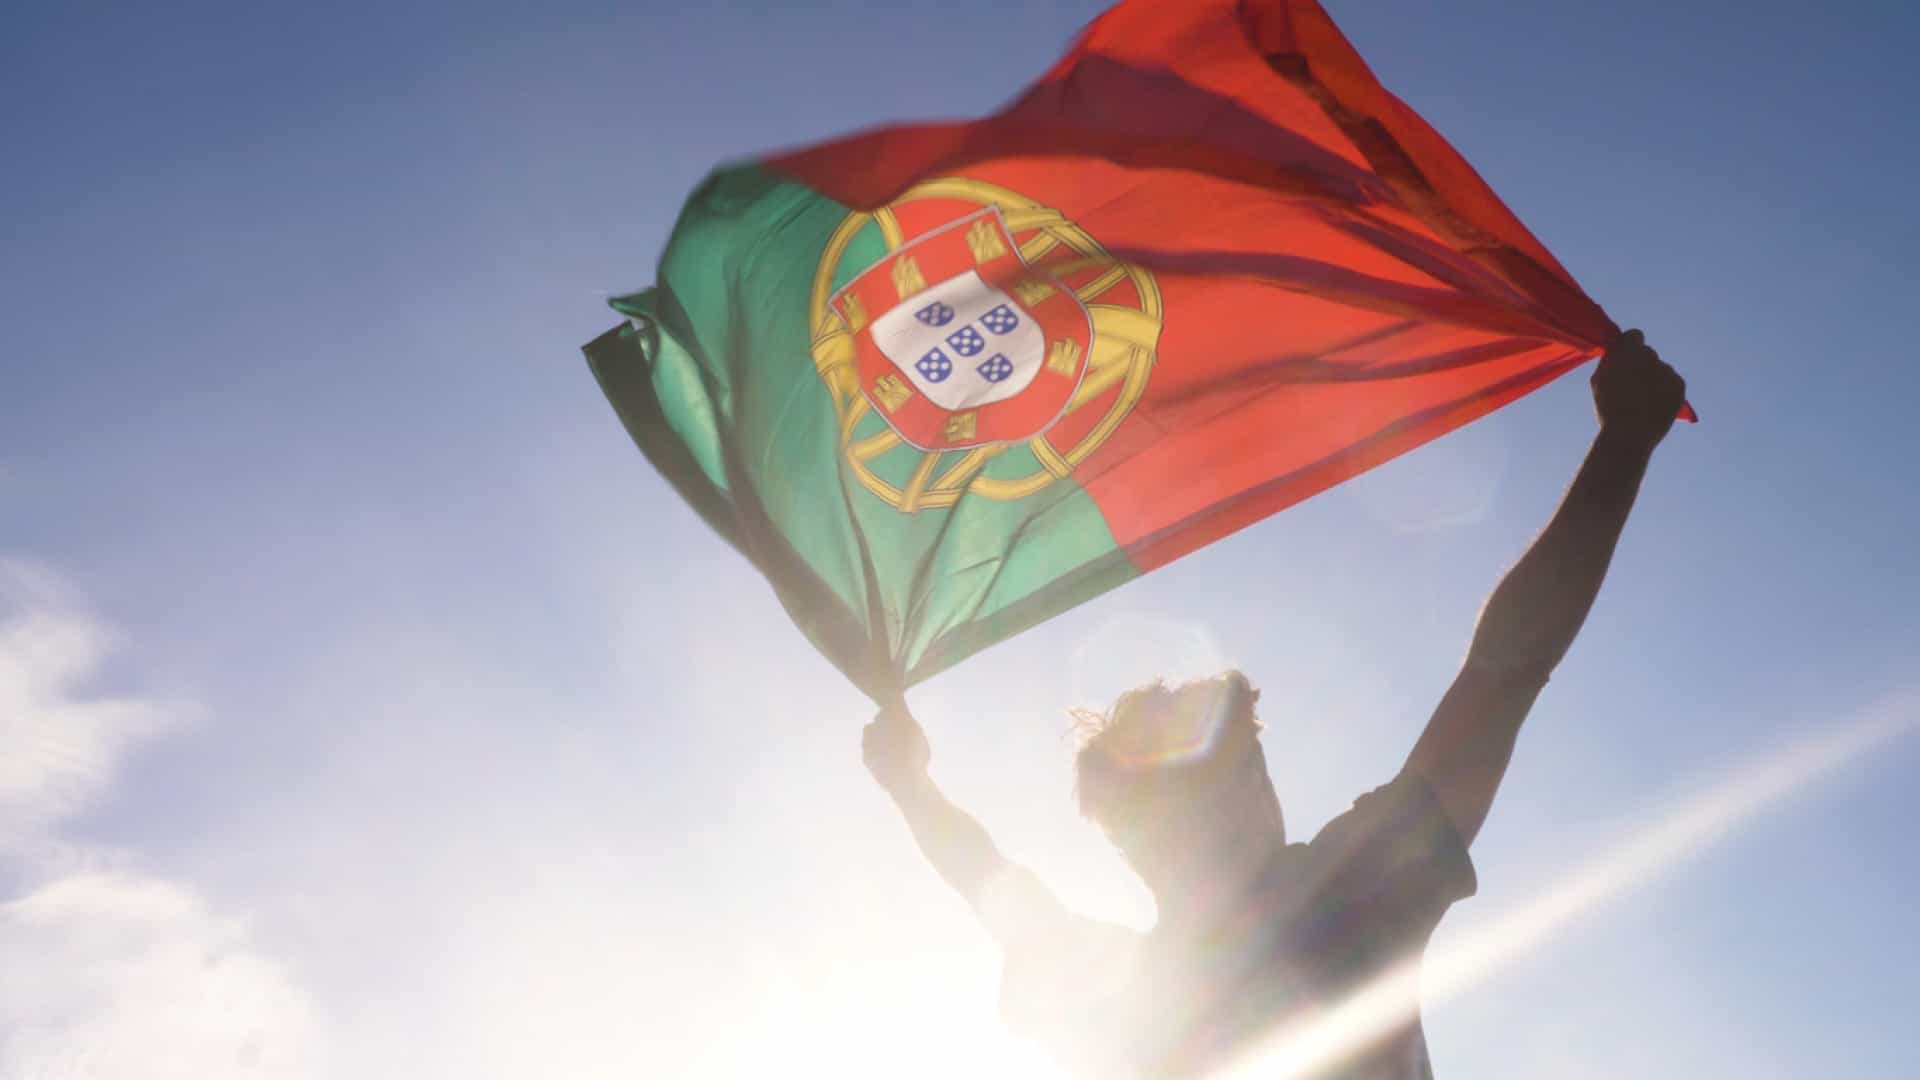 POR QUE PORTUGAL?